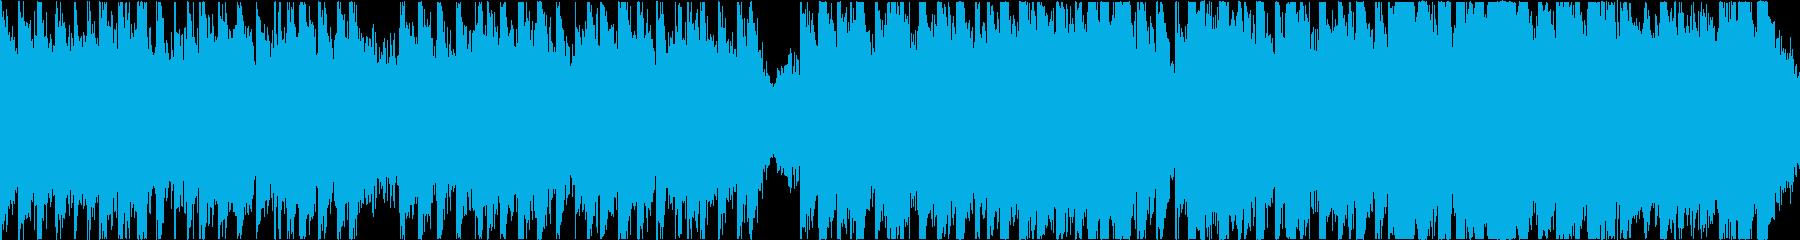 序盤バトル系の軽快なオーケストラ/ループの再生済みの波形